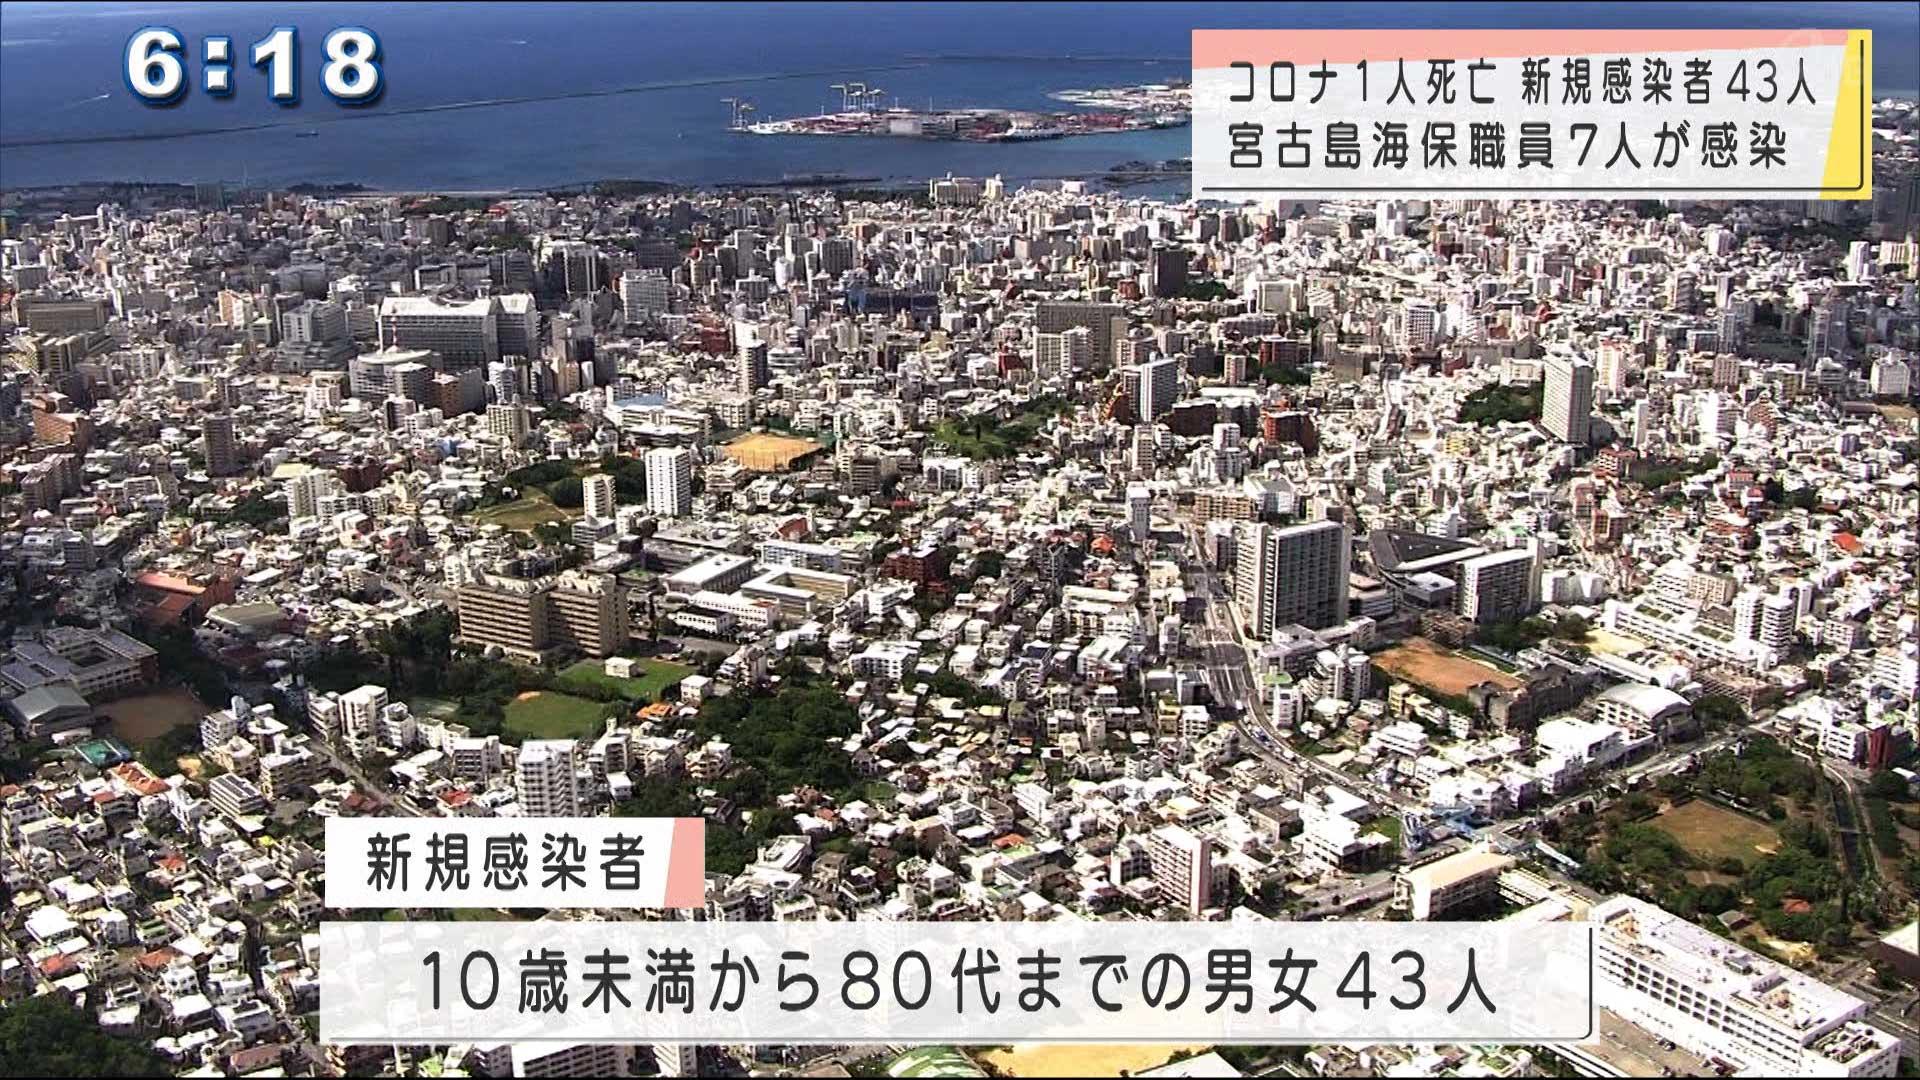 沖縄の新規感染43人死亡1人、海保職員7人感染